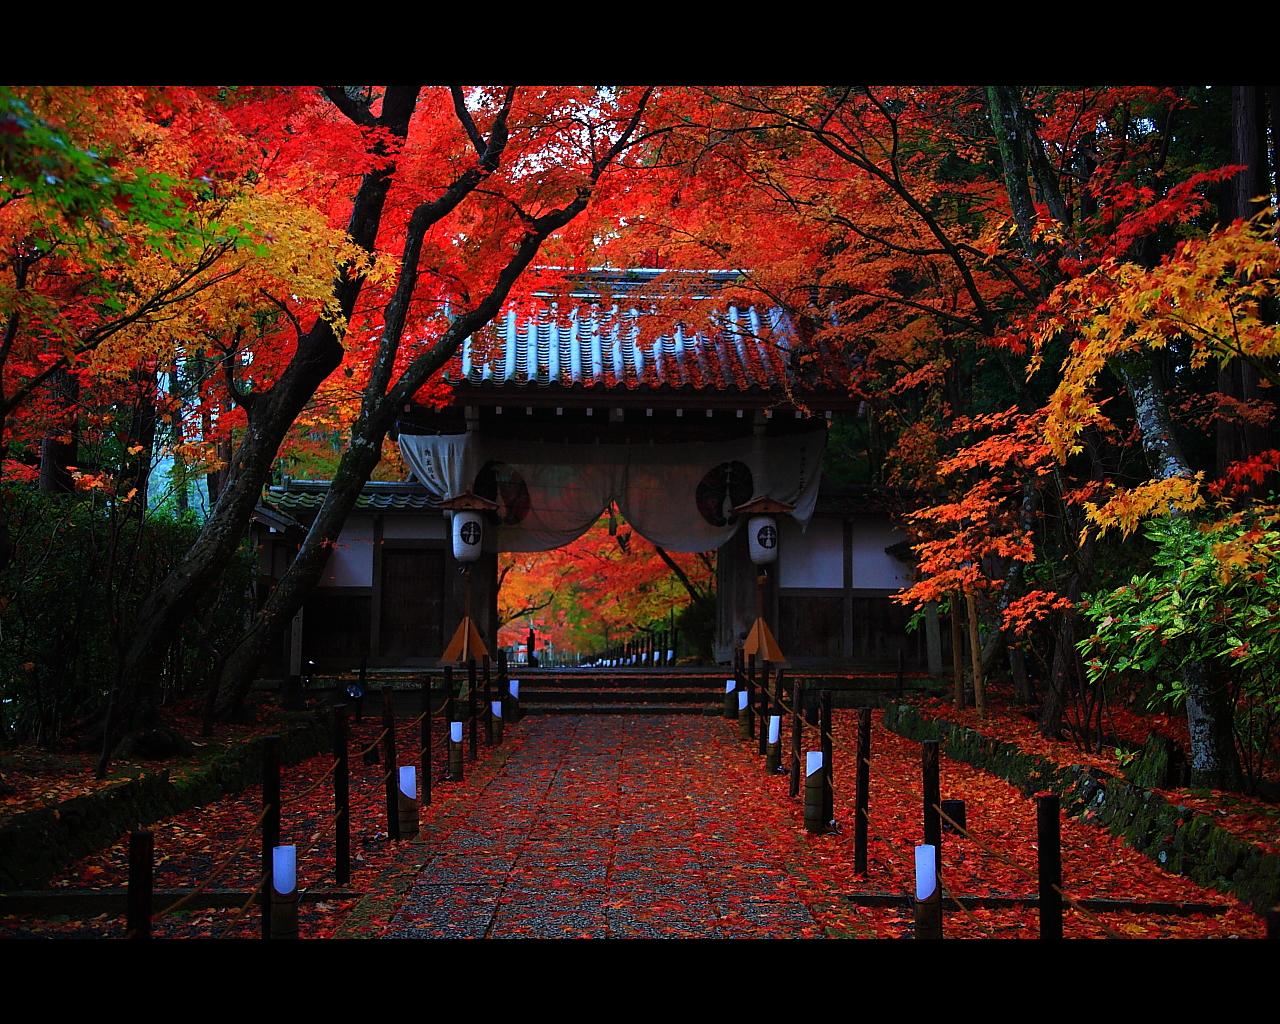 光明寺紅葉参道と門にかかる紅葉1280x1024サイズ